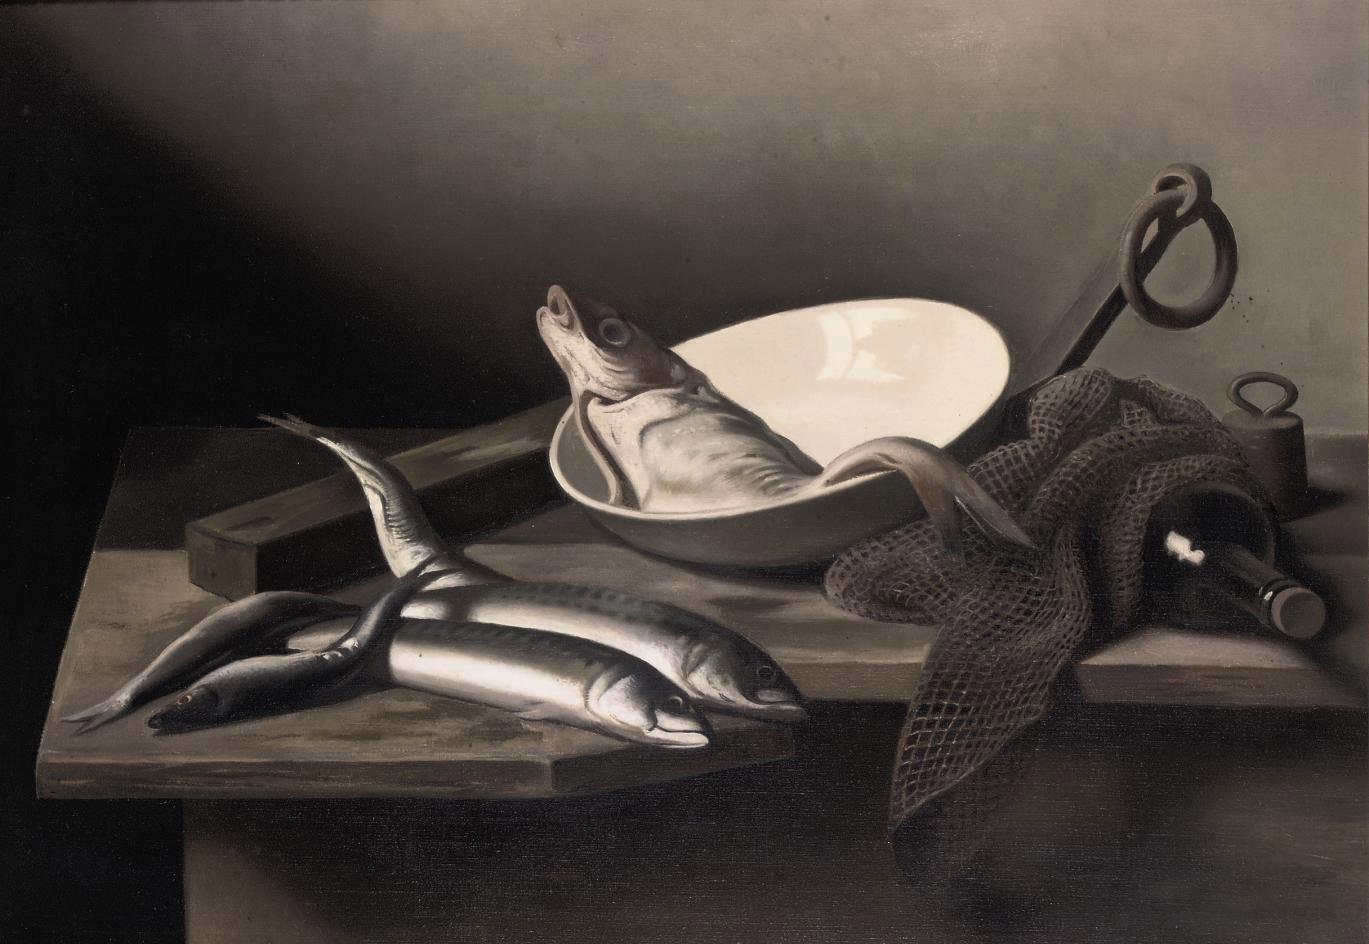 Stilleven met vissen: still life with fish